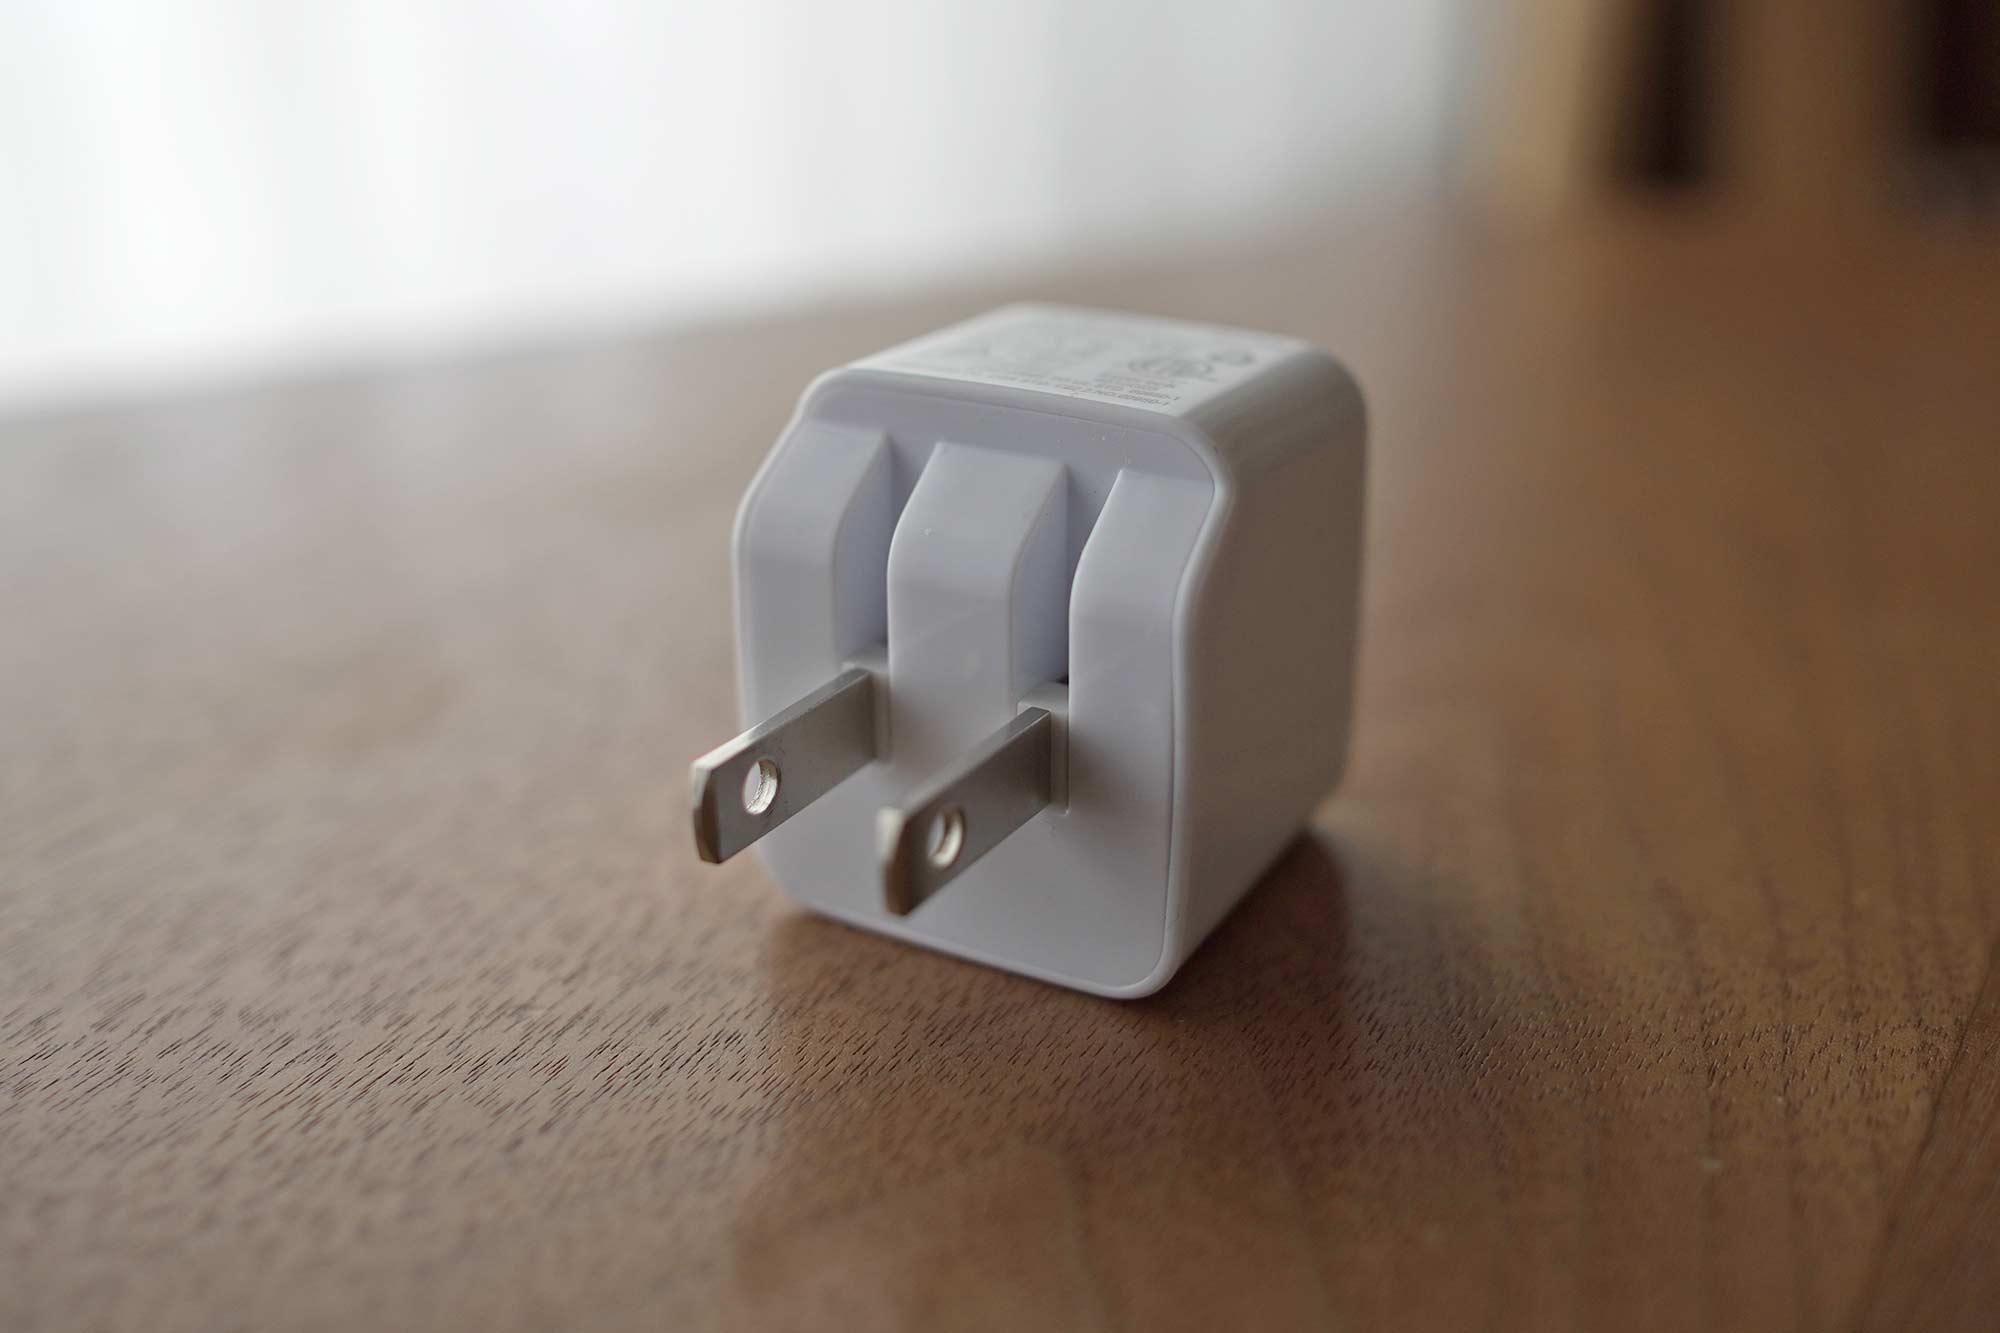 AUKEY,オーキー,充電器,急速充電,USB,2ポート,小型,軽量,折り畳み式